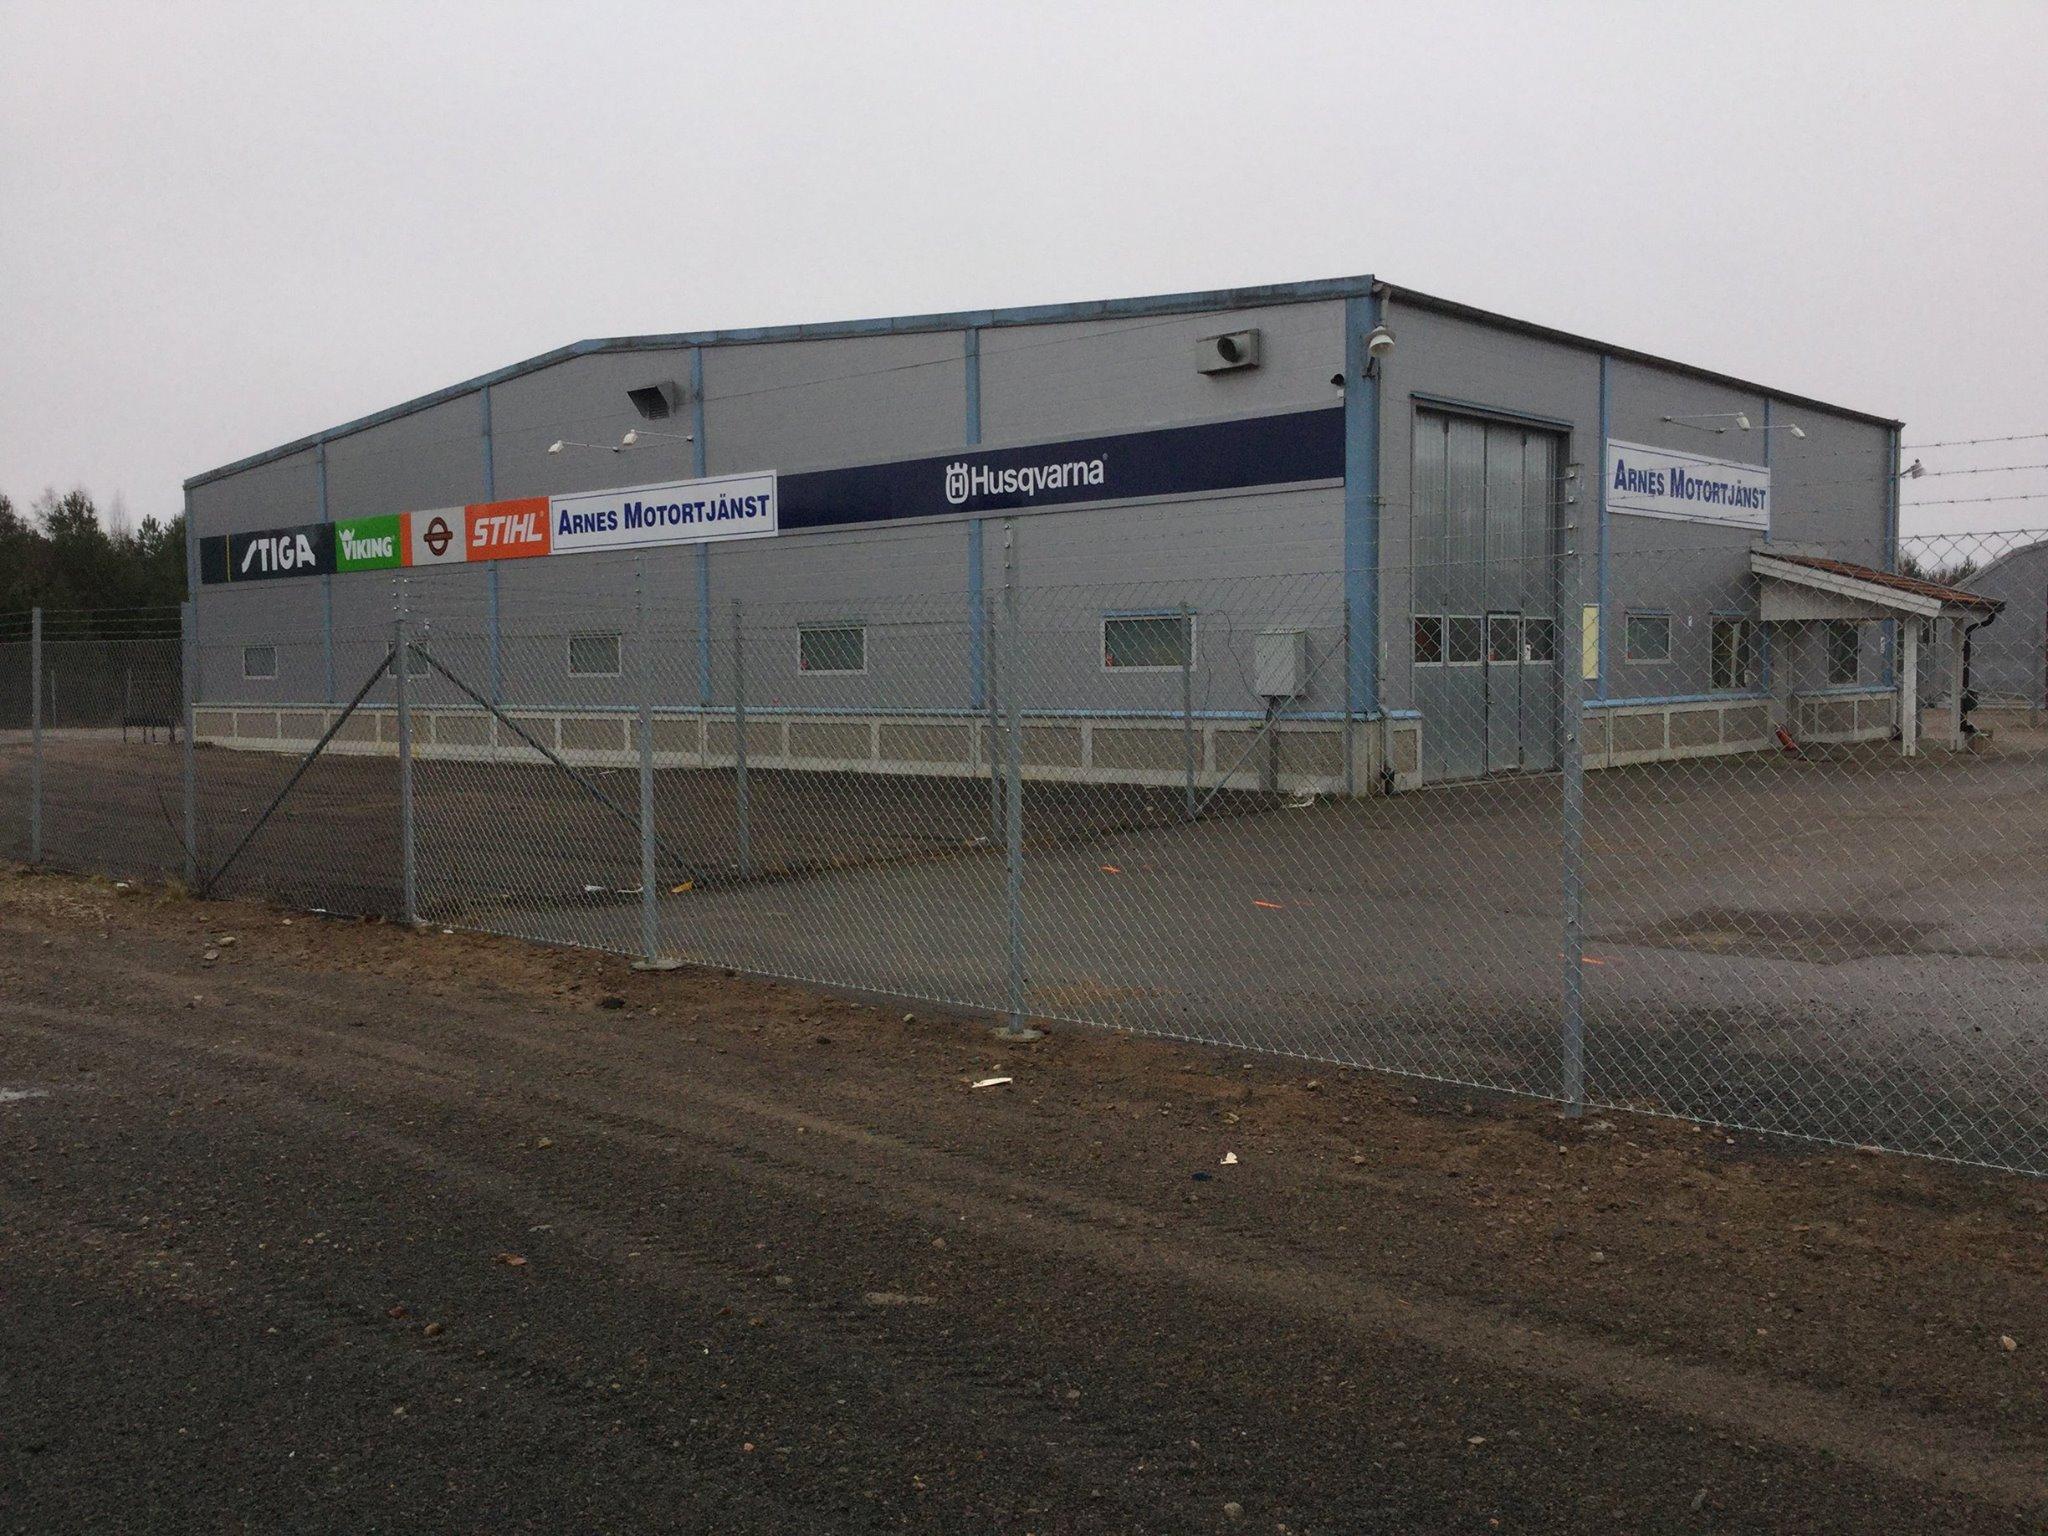 Arnes Motortjänst AB